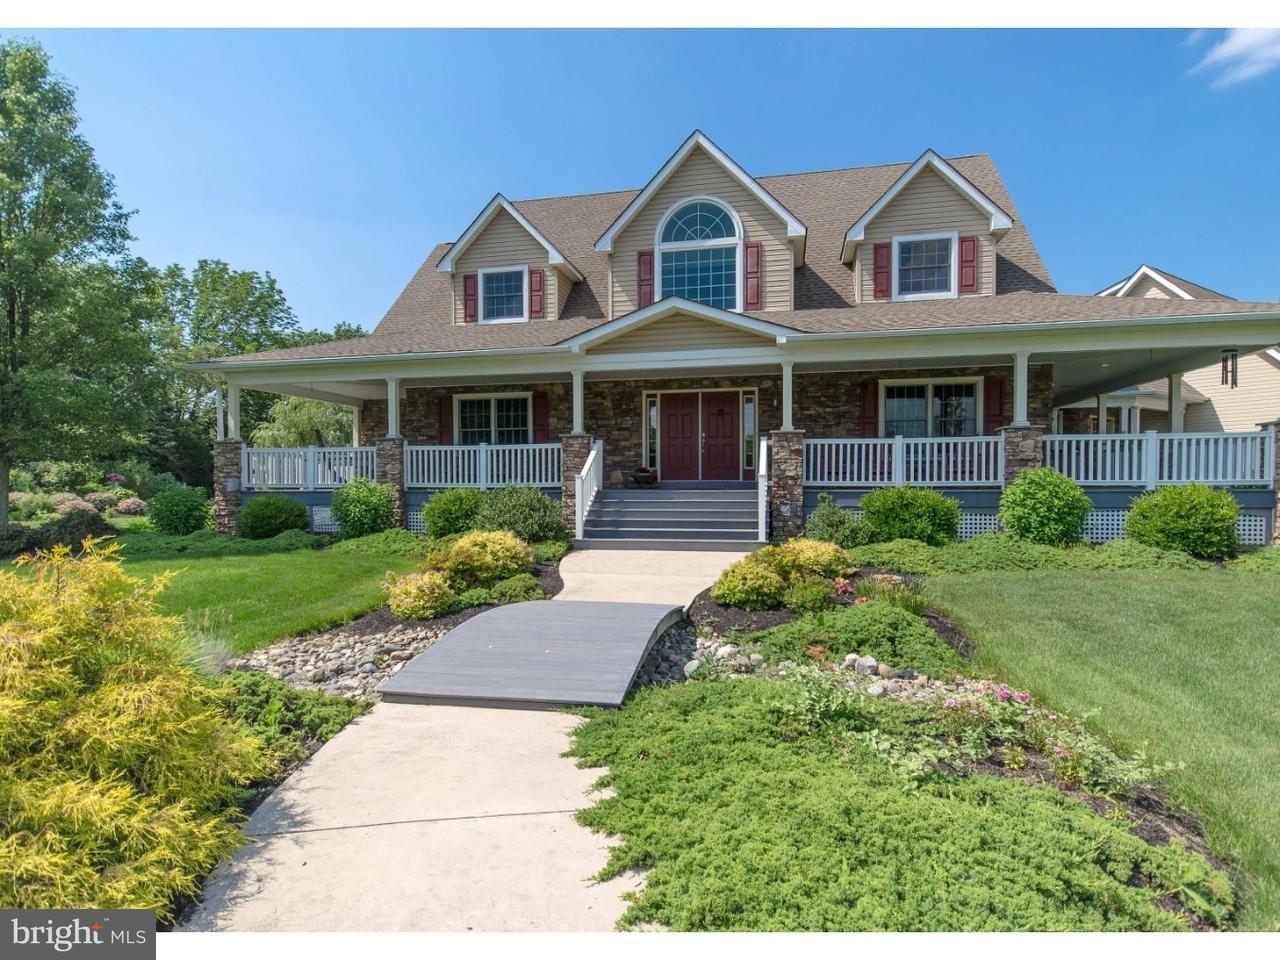 Частный односемейный дом для того Продажа на 2144 KUMRY Road Quakertown, Пенсильвания 18951 Соединенные Штаты